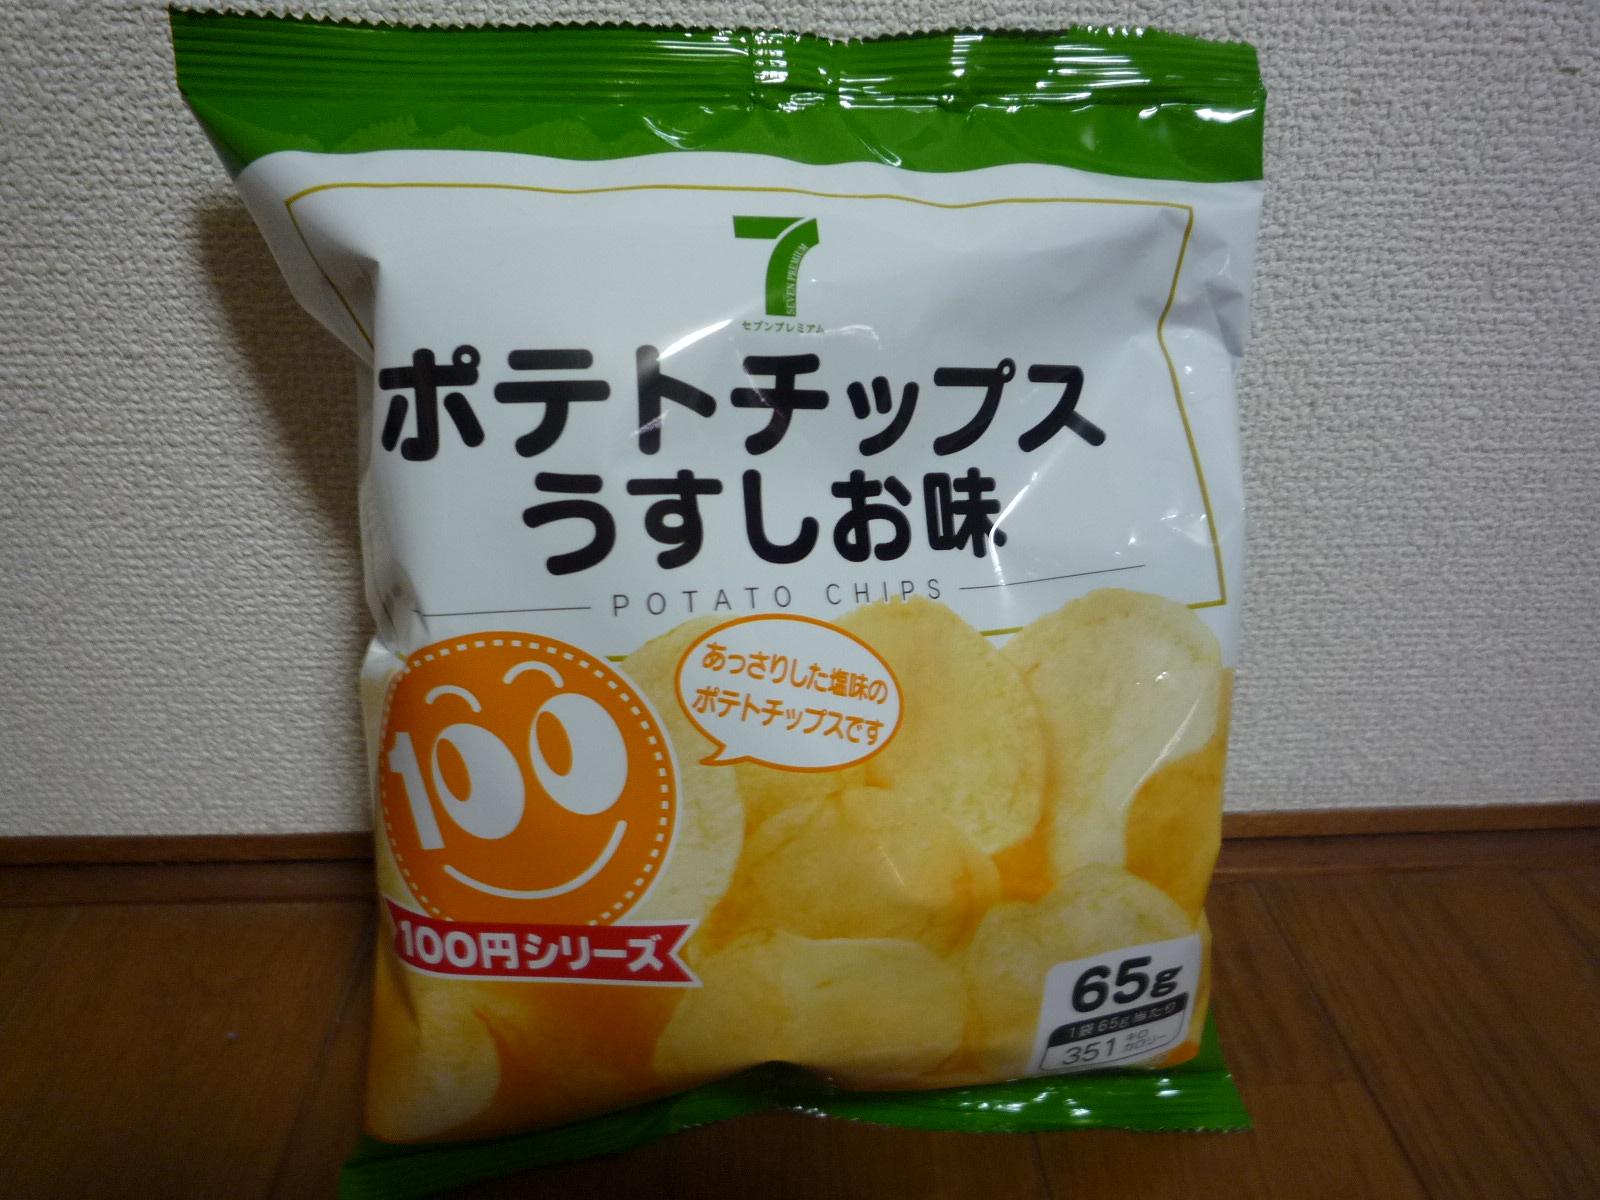 ポテトチップスの画像 p1_40